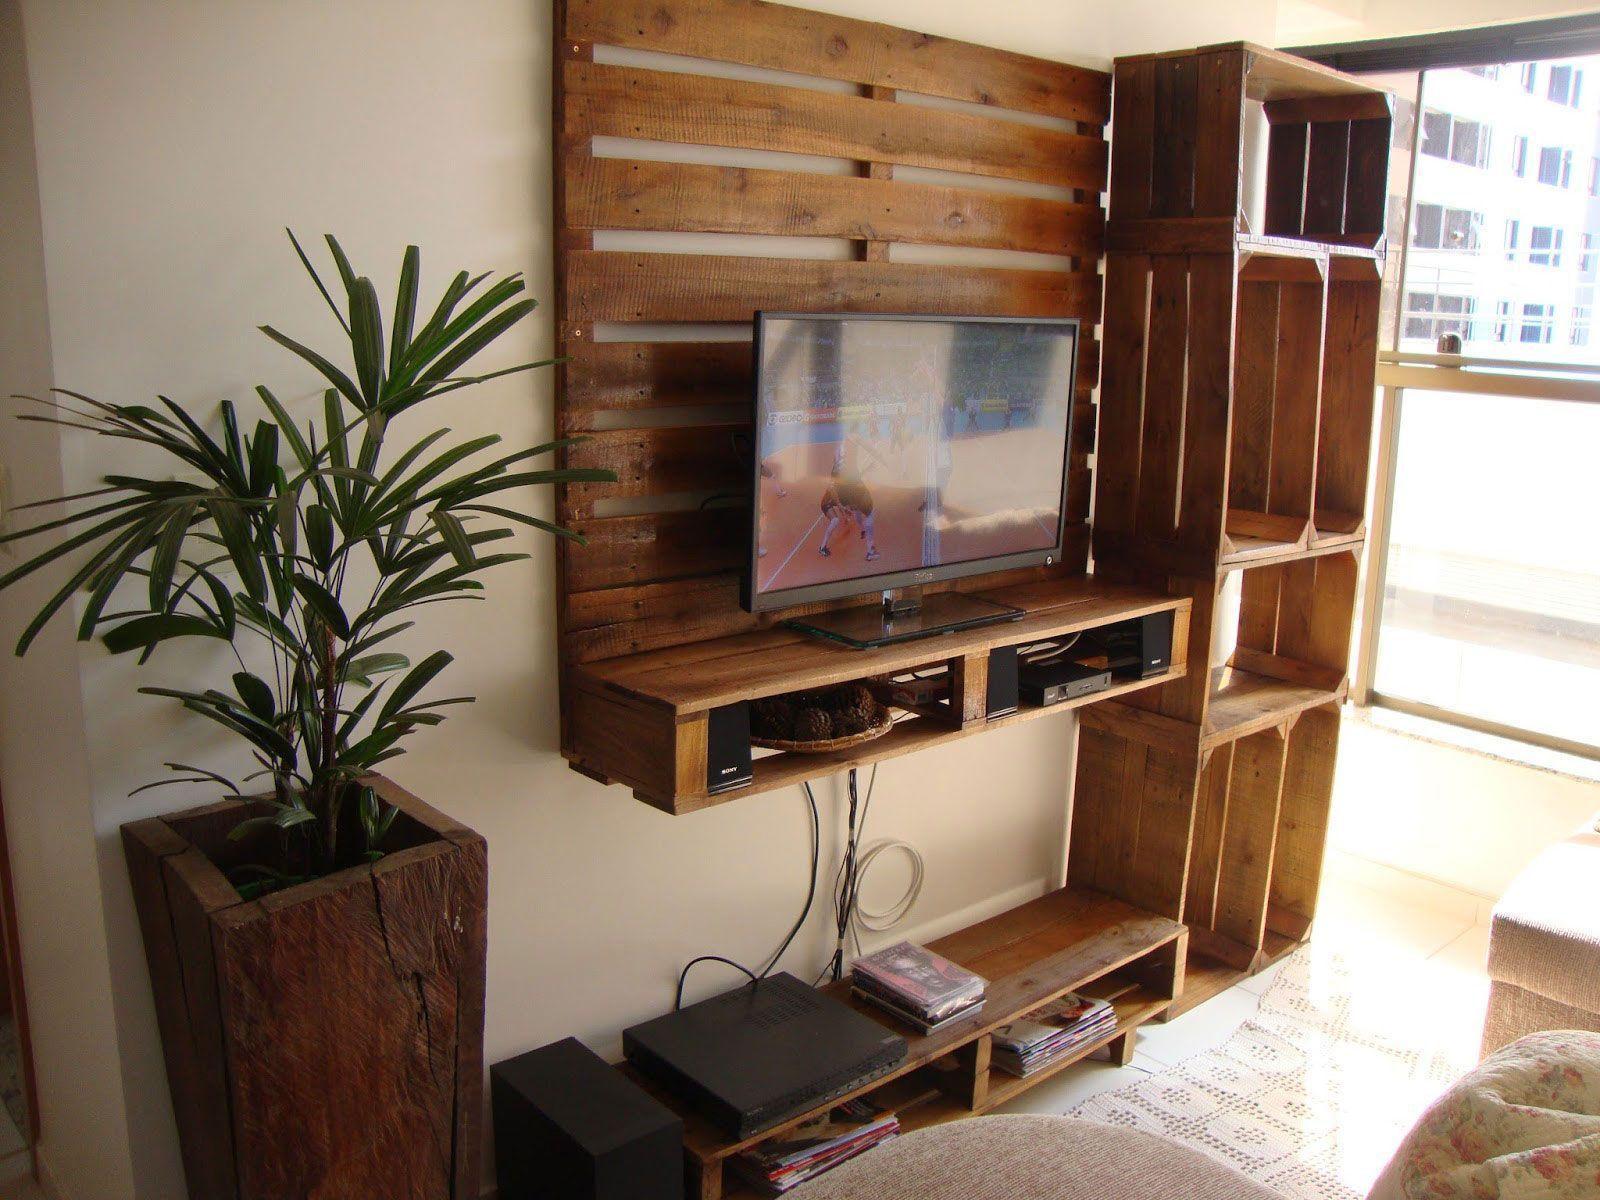 25 Ideas Creativas Y Originales Con Pallets De Madera Ideas  # Muebles Reciclados Originales